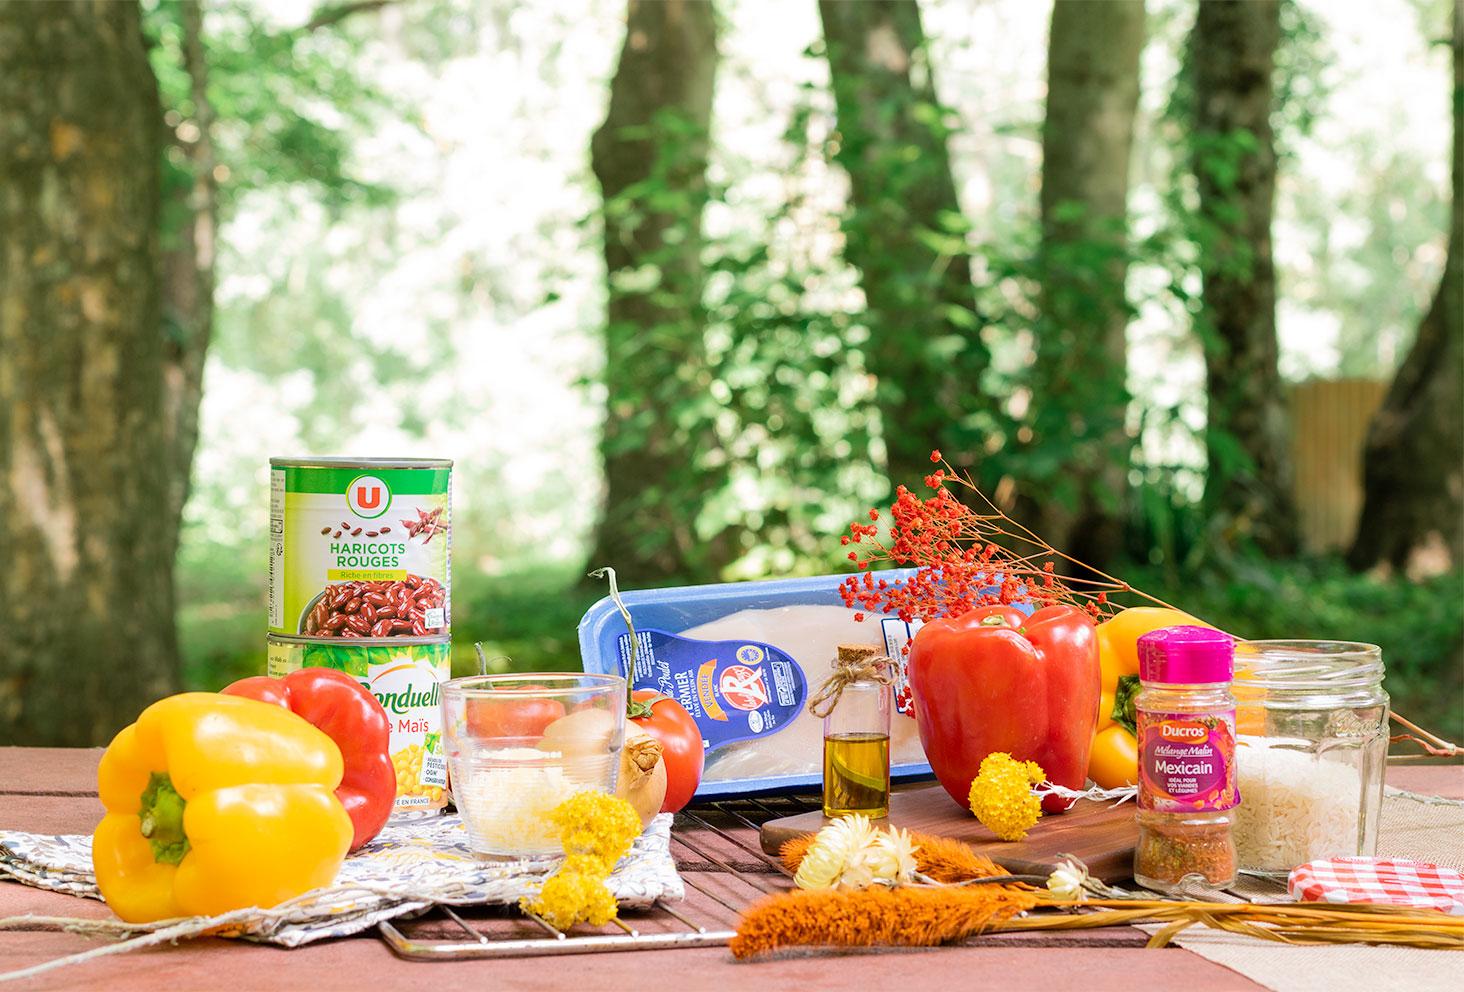 Les ingrédients nécessaires à la réalisation de la recette de poivrons farcis à la mexicaine pour l'été, sur une table de pique-nique en forêt